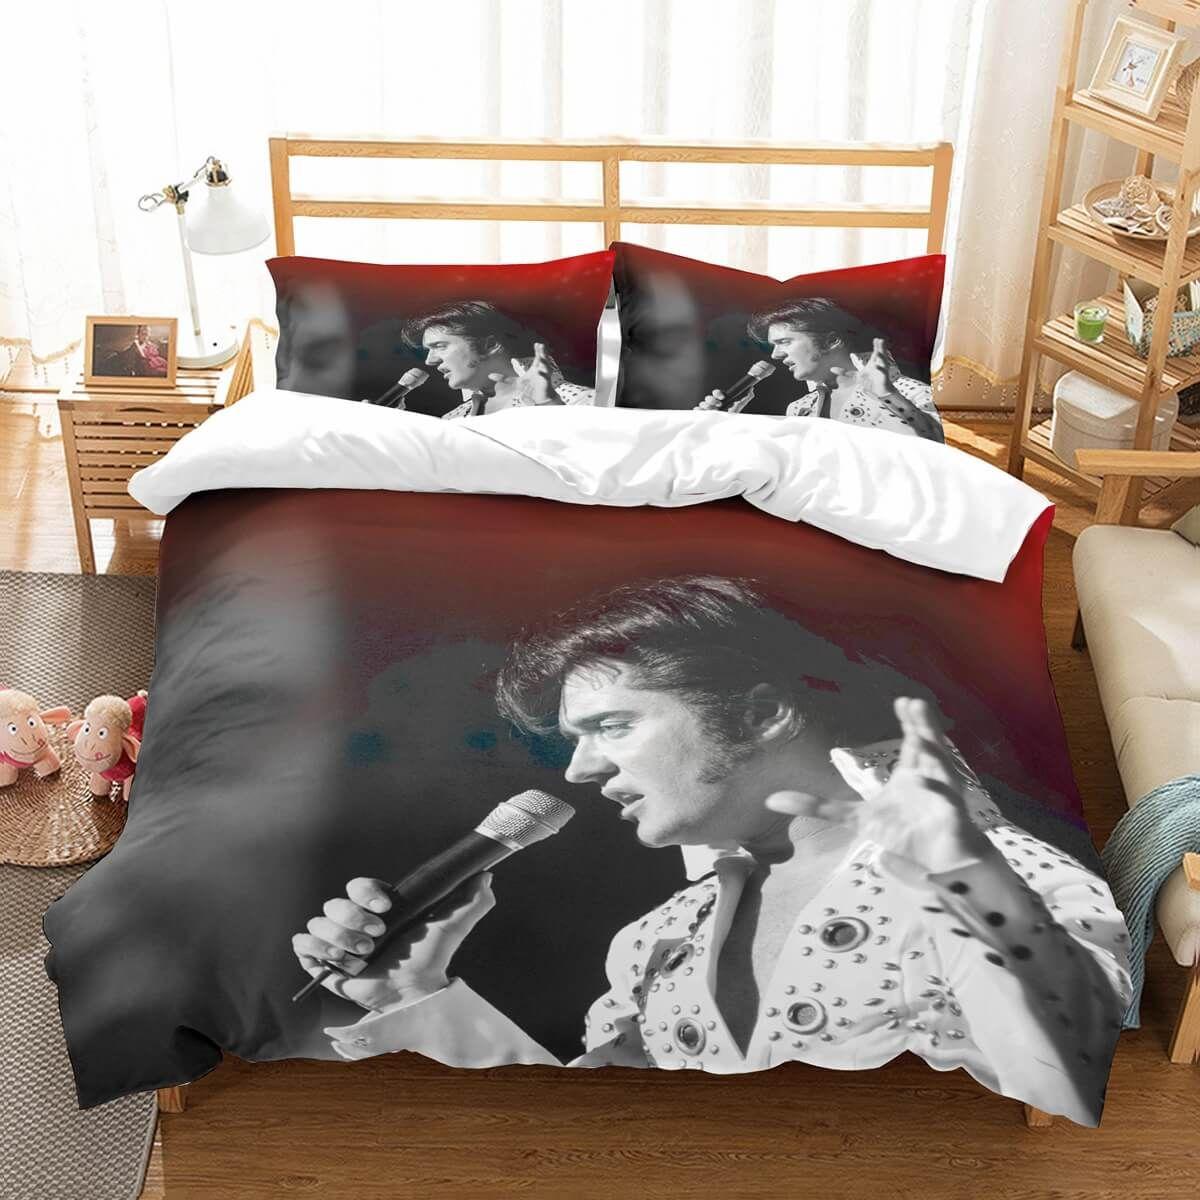 3d Customize Elvis Presley Bedding Set Duvet Cover Set Bedroom Set